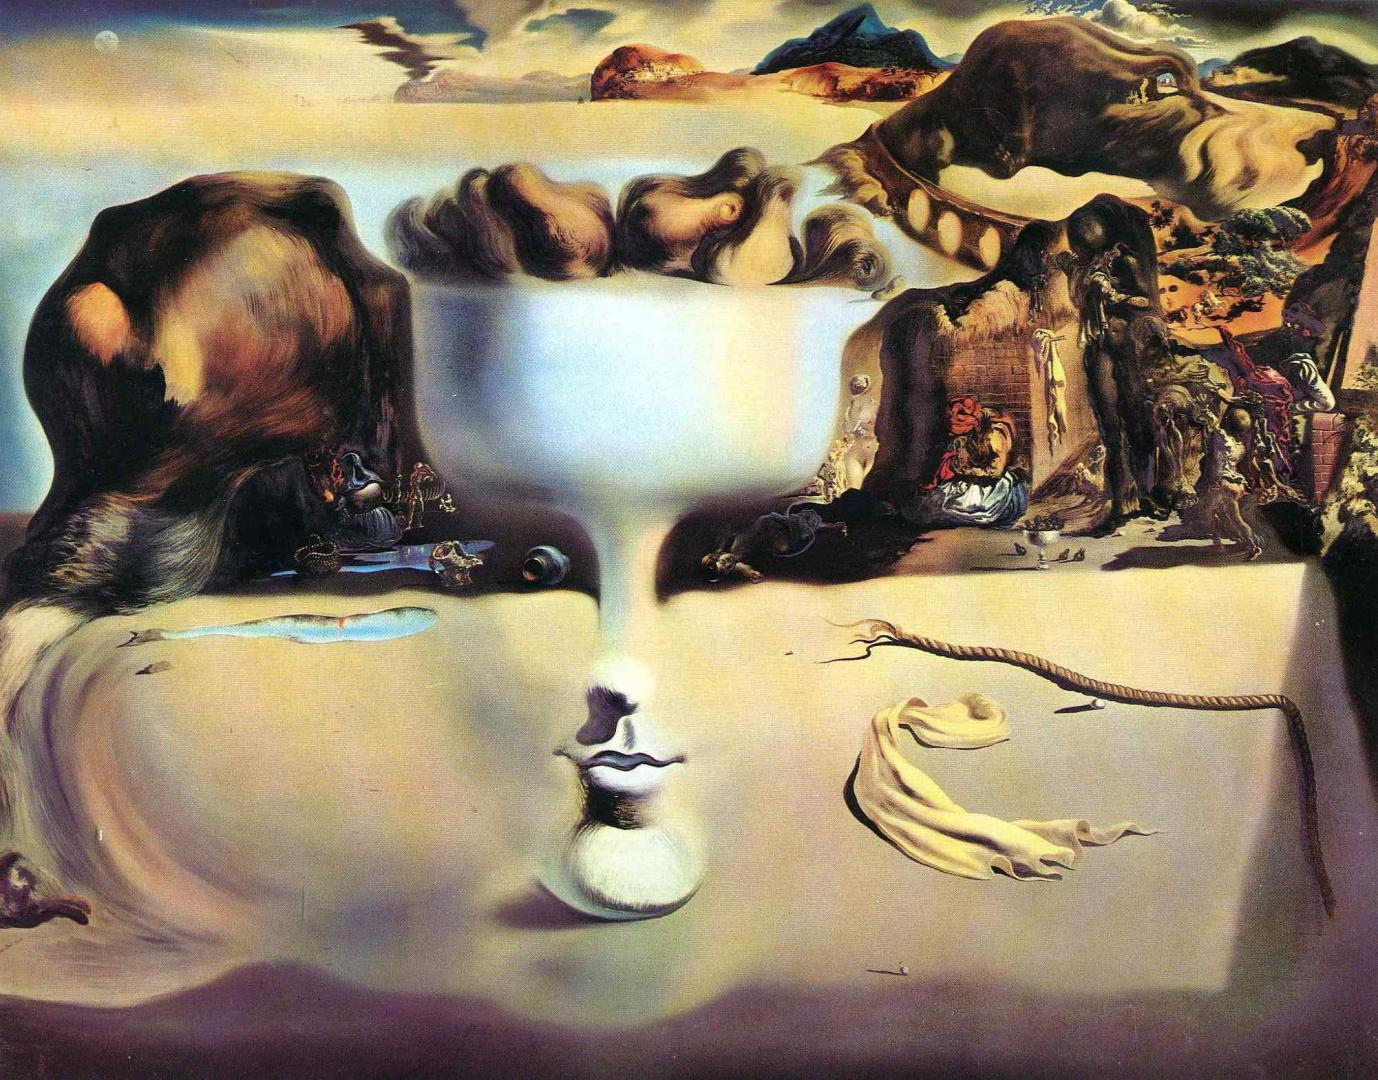 Сальвадор Дали - Явление лица, живопись обои iphone, искусство, арт, 2002 на 1568 пикселей